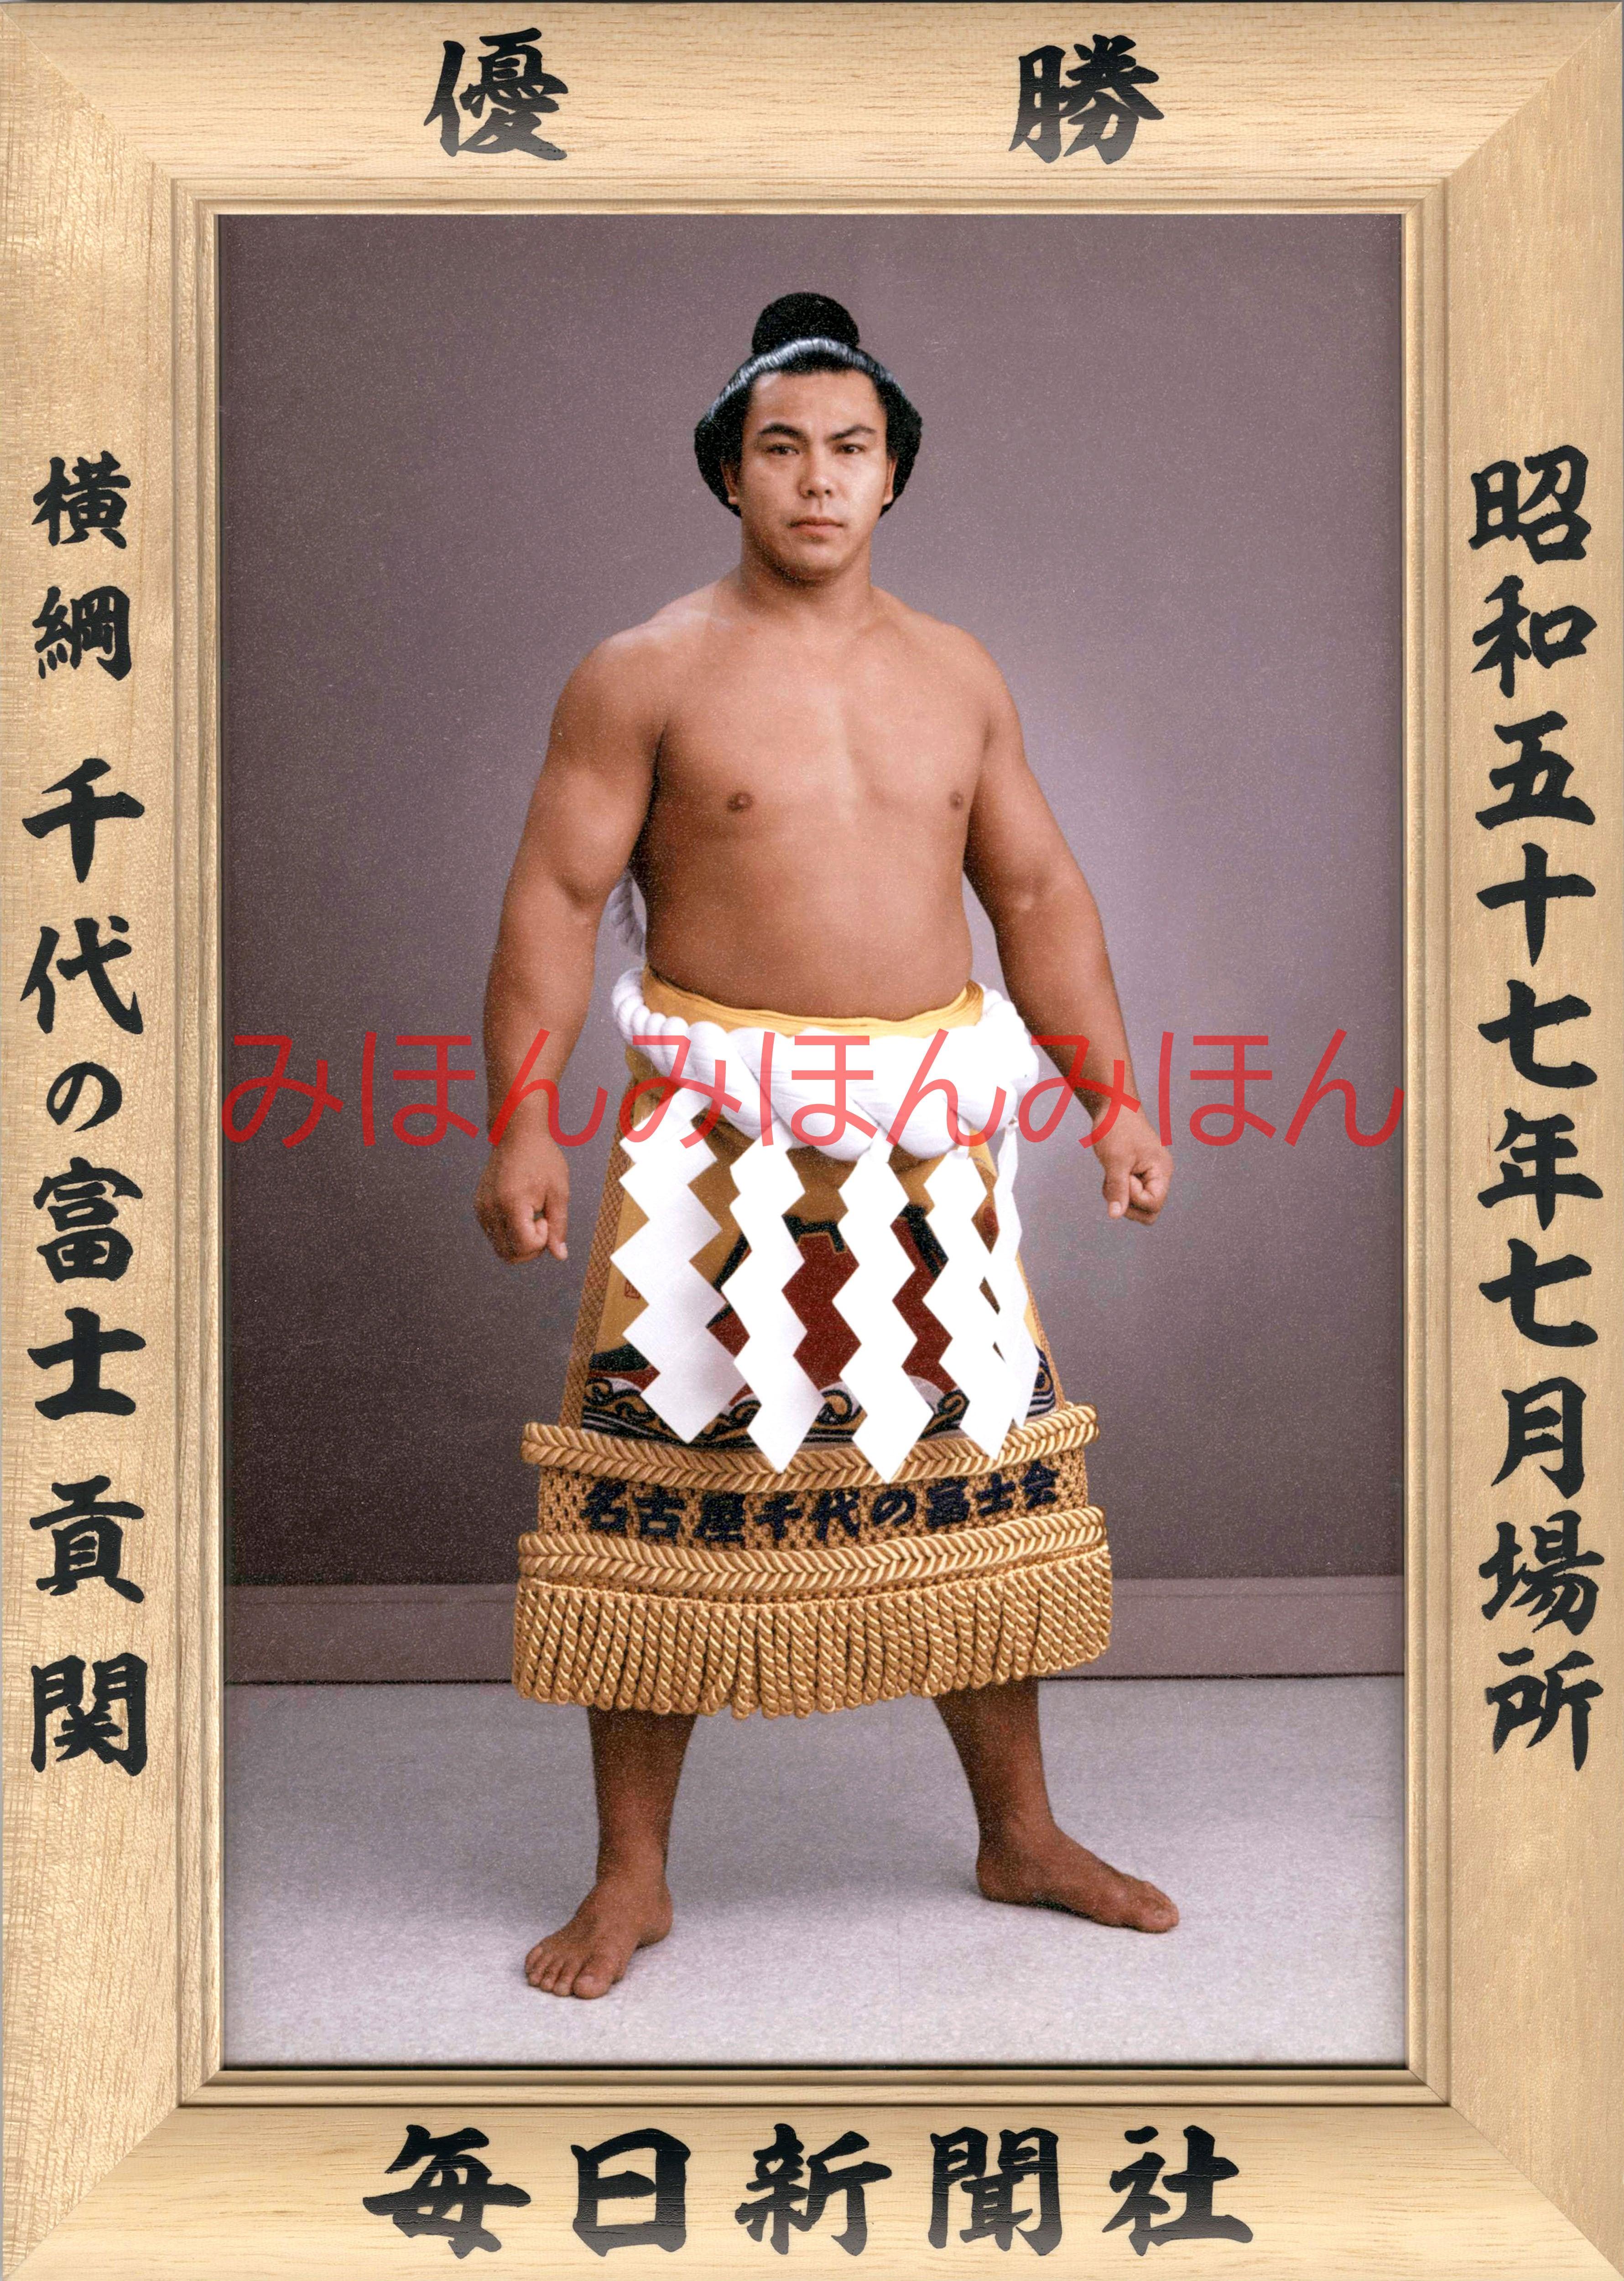 昭和57年7月場所優勝 横綱 千代の富士貢関(6回目の優勝)